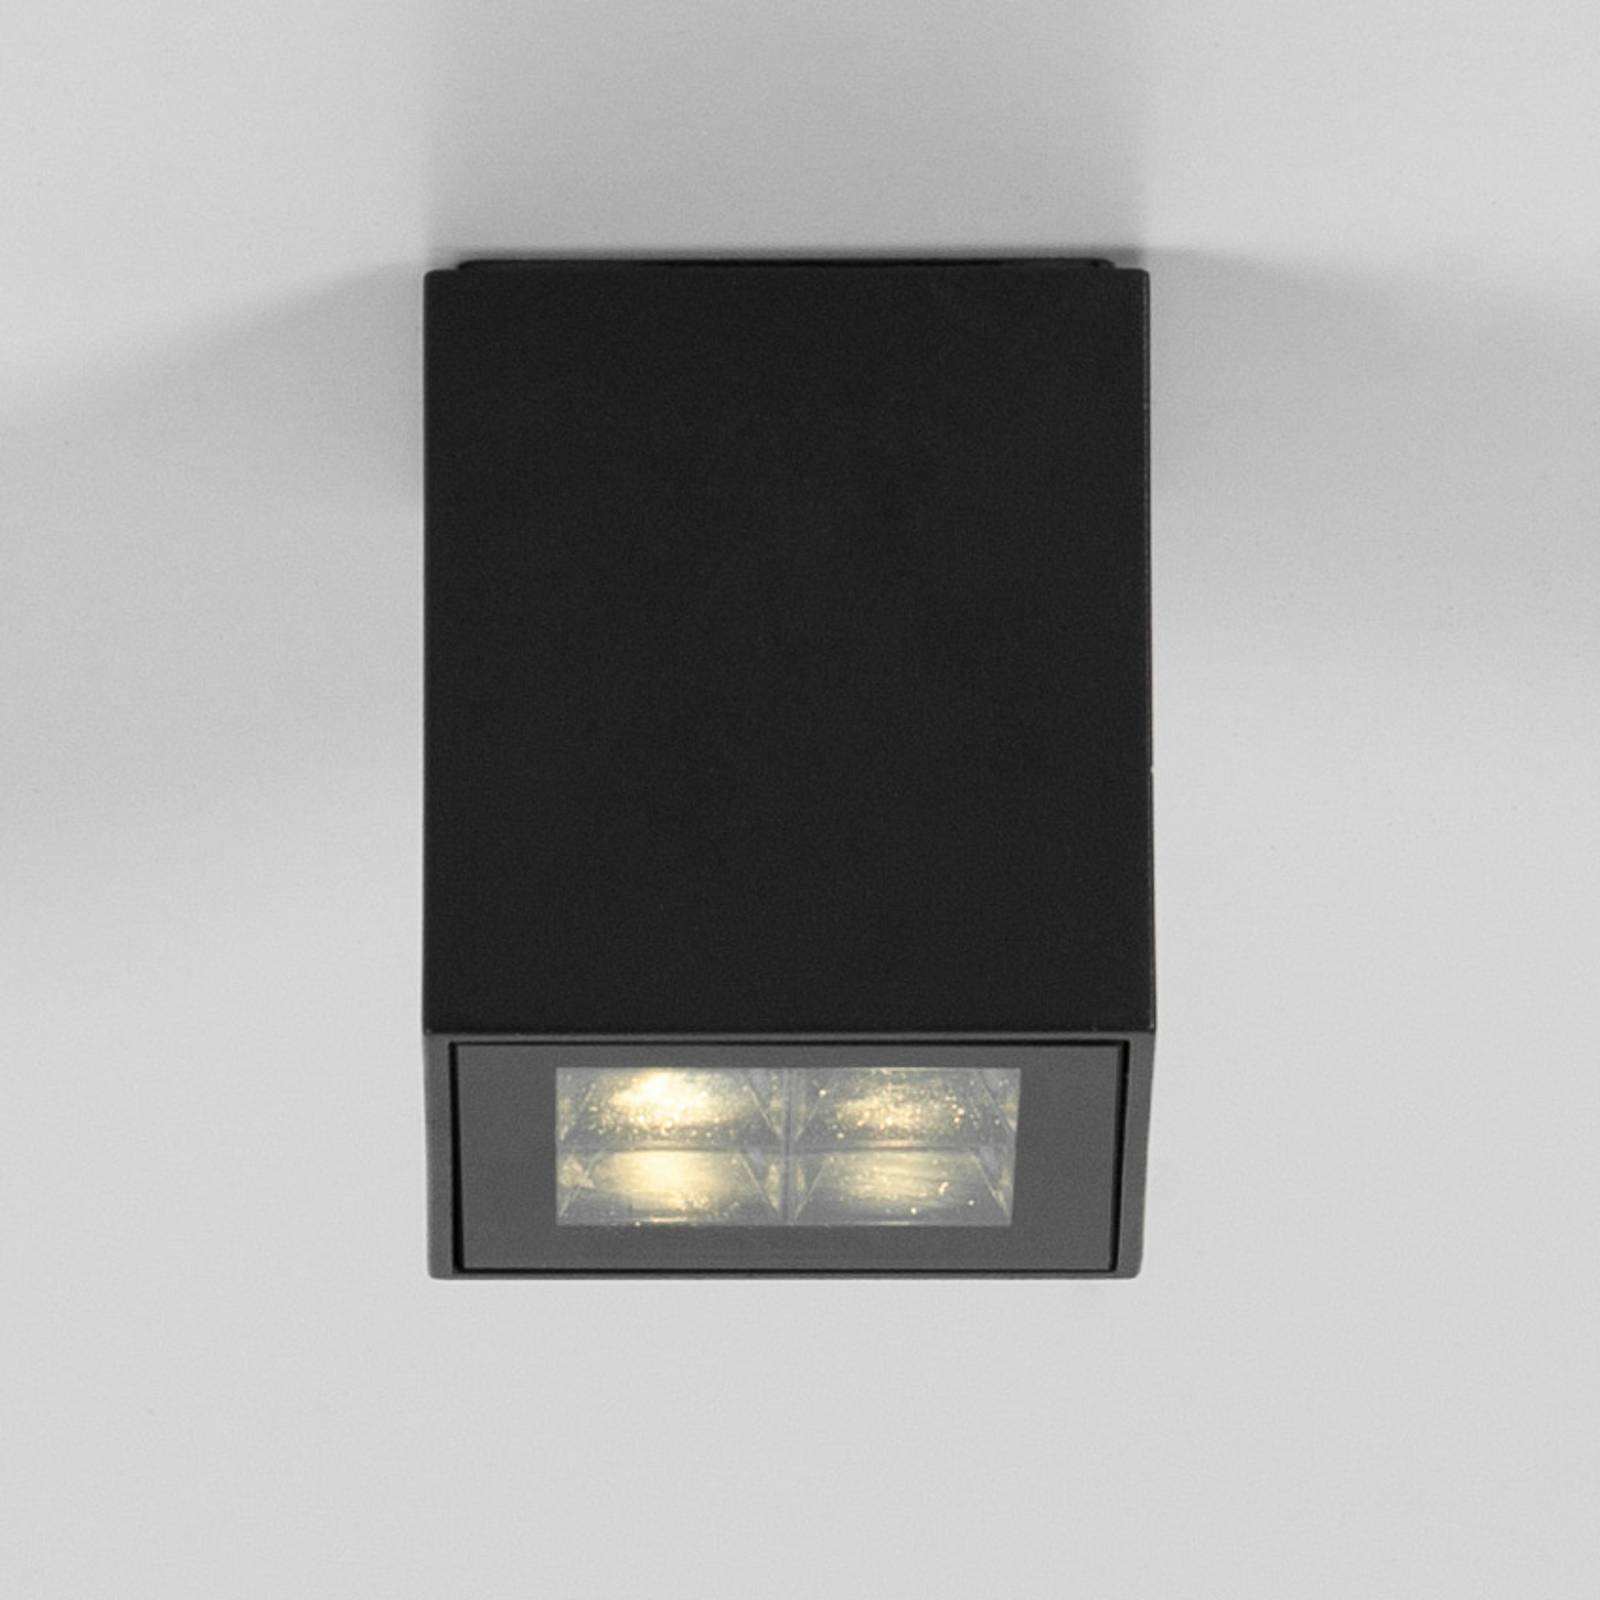 BRUMBERG Blokk LED-Deckenleuchte, 7 x 7 cm